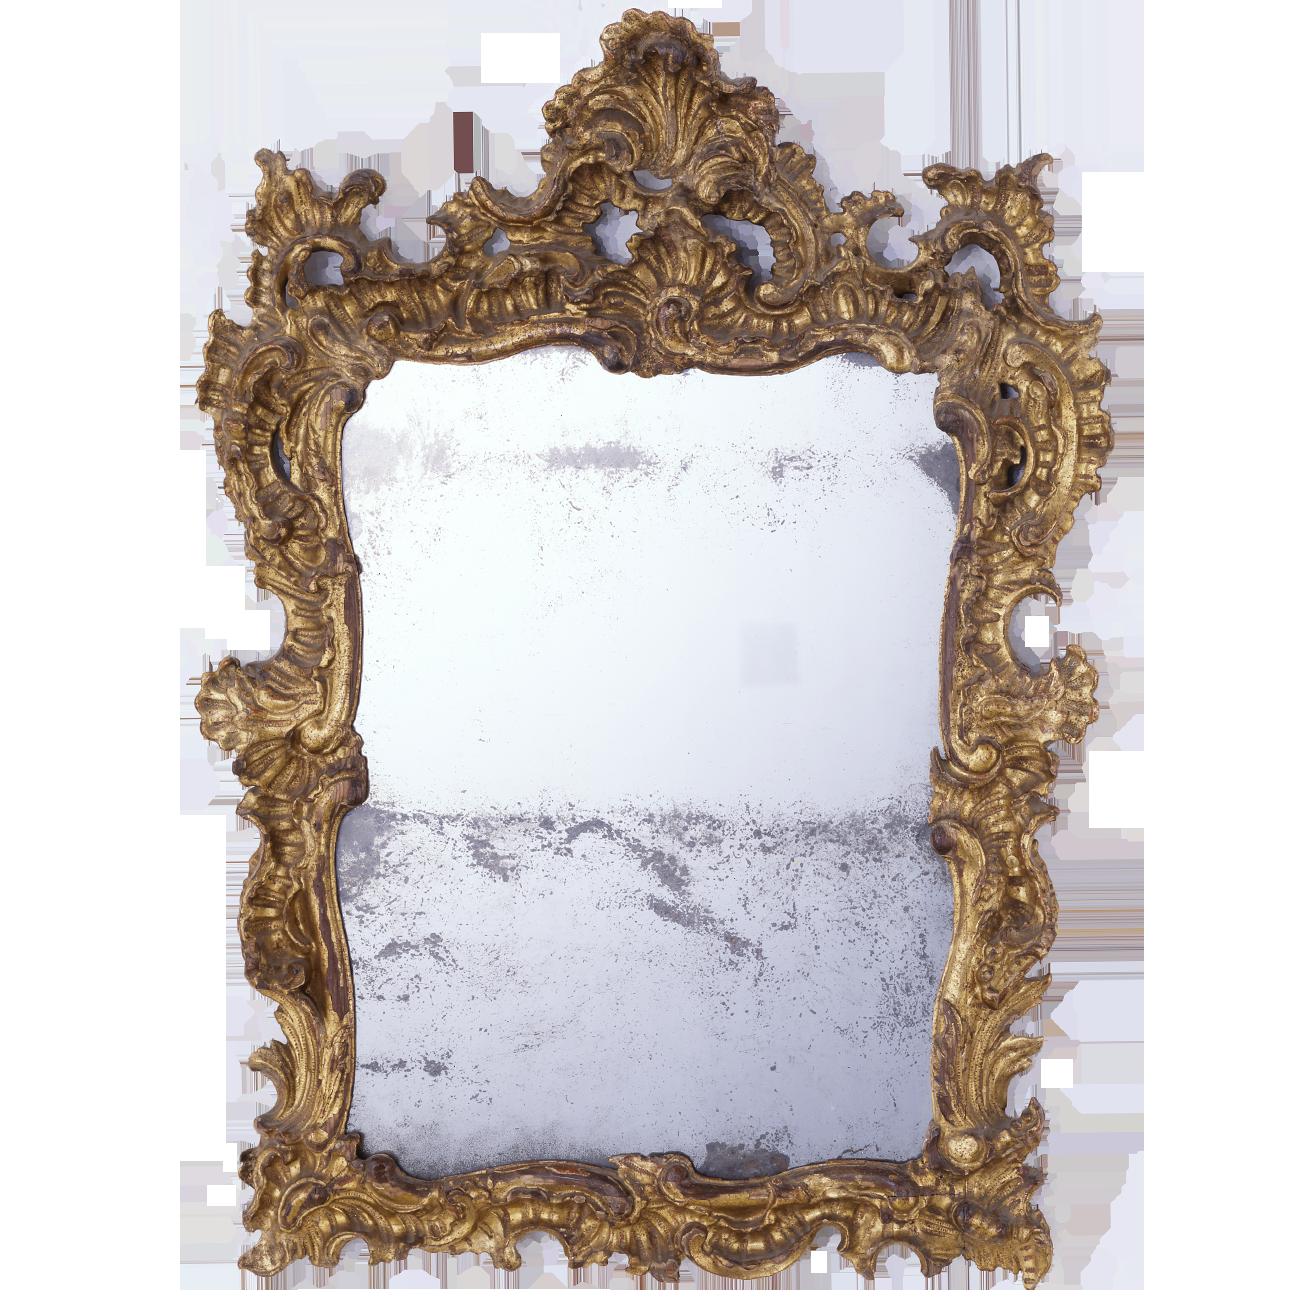 Rokoko Spiegelrahmen - Antike Rahmen